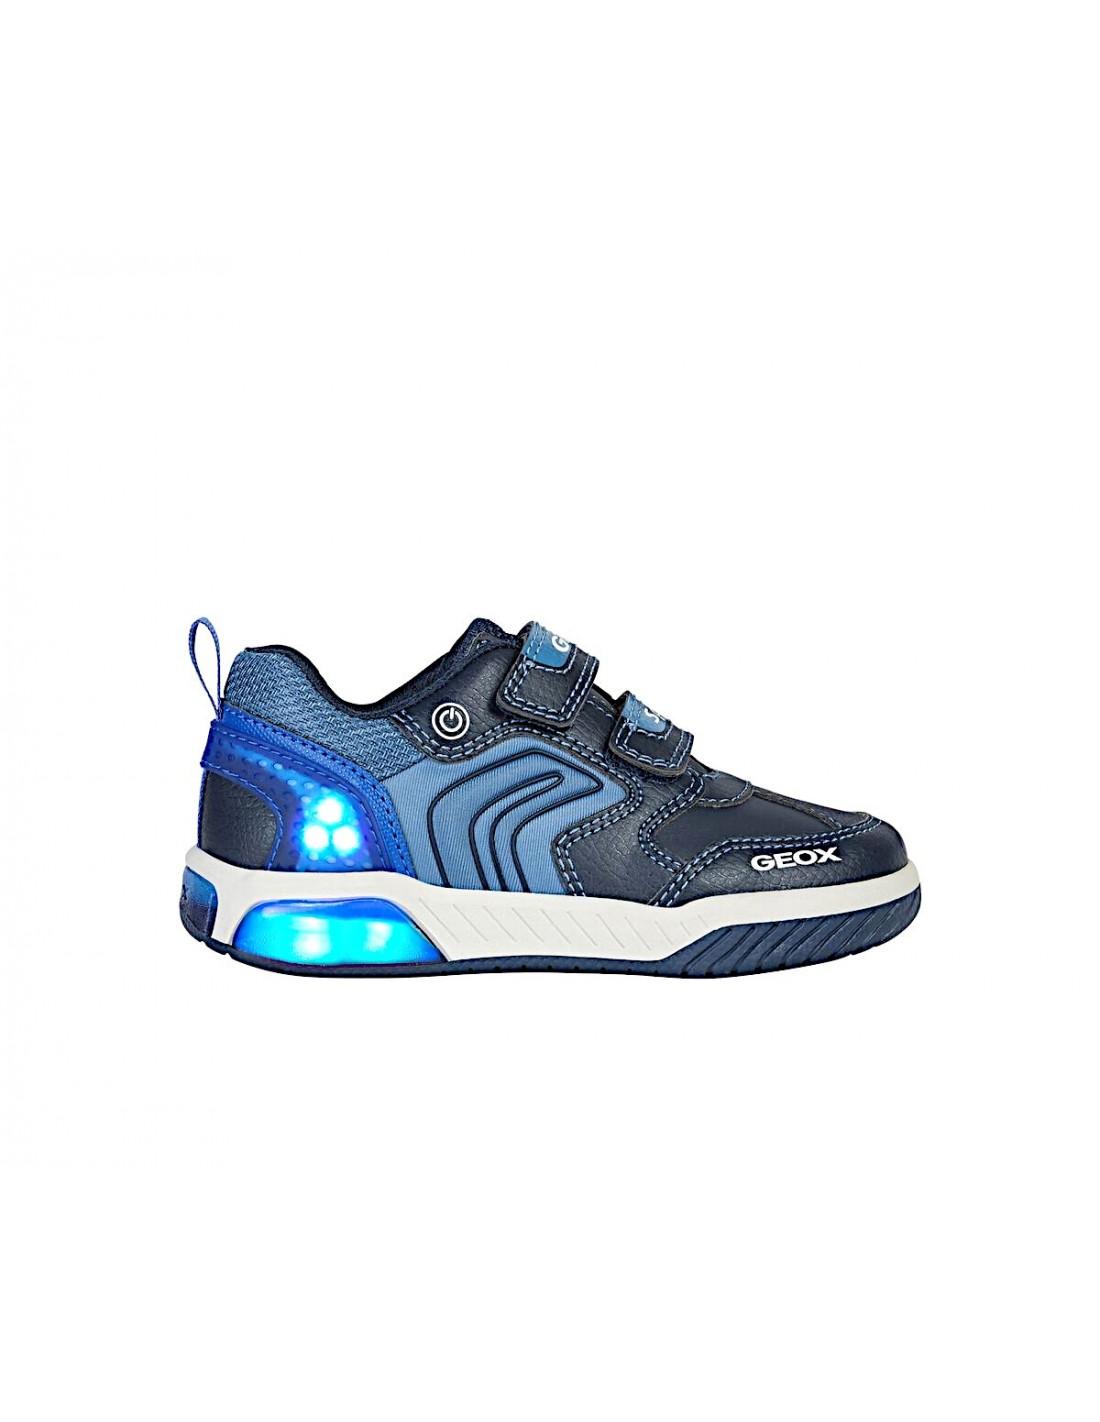 Dettagli su Geox scarpe con luci led da bambino sneakers Inek J per ragazzo Bambini